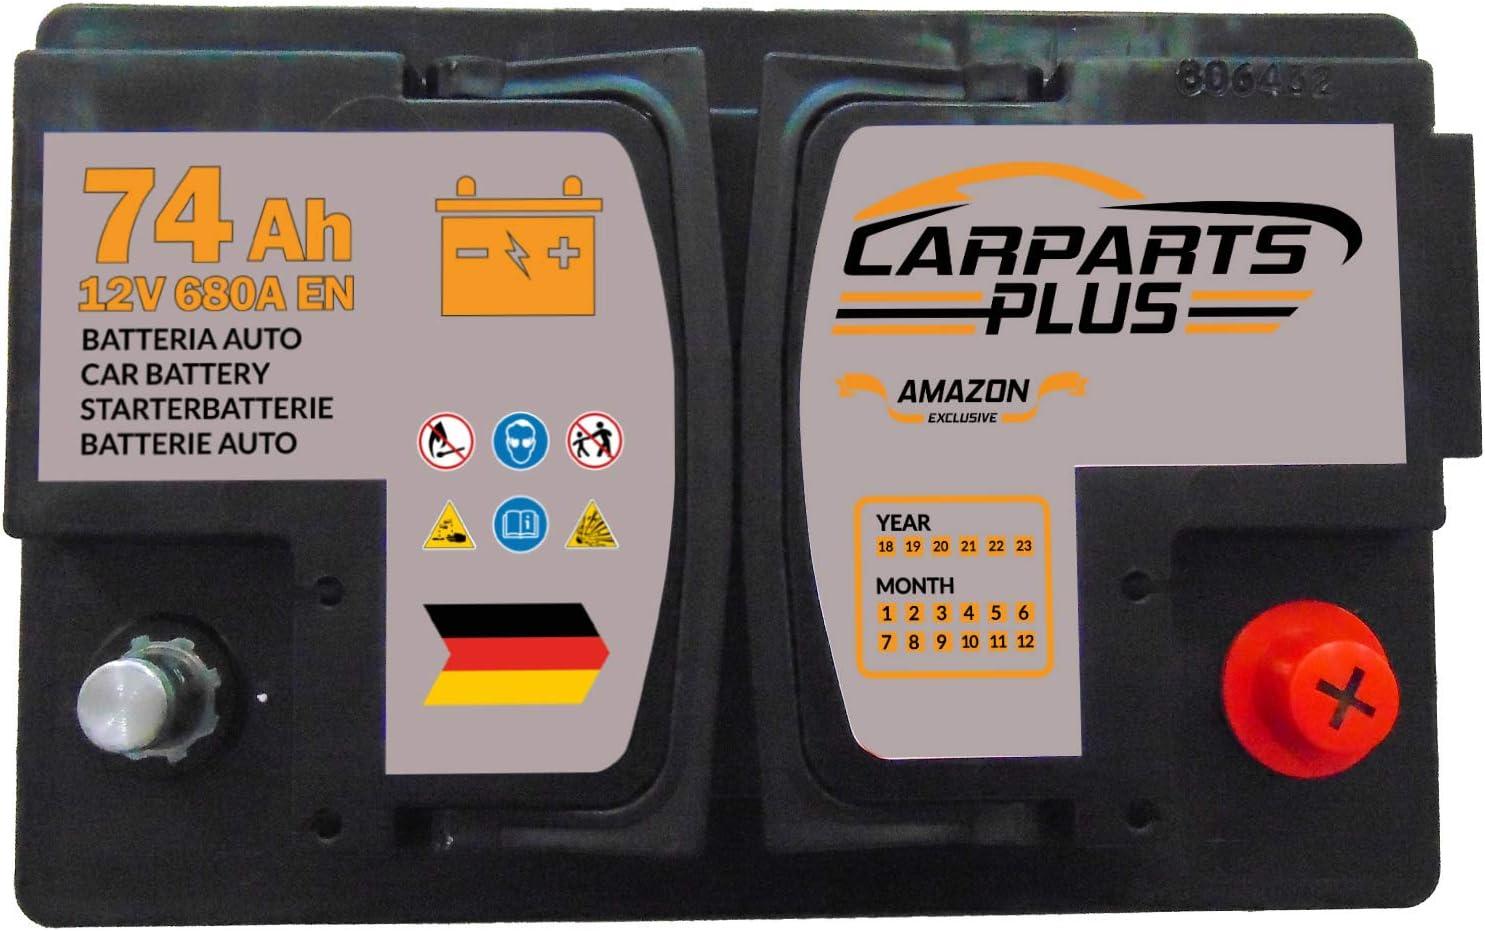 74ah 680A CarPlus L374CARPARTS Autobatterie